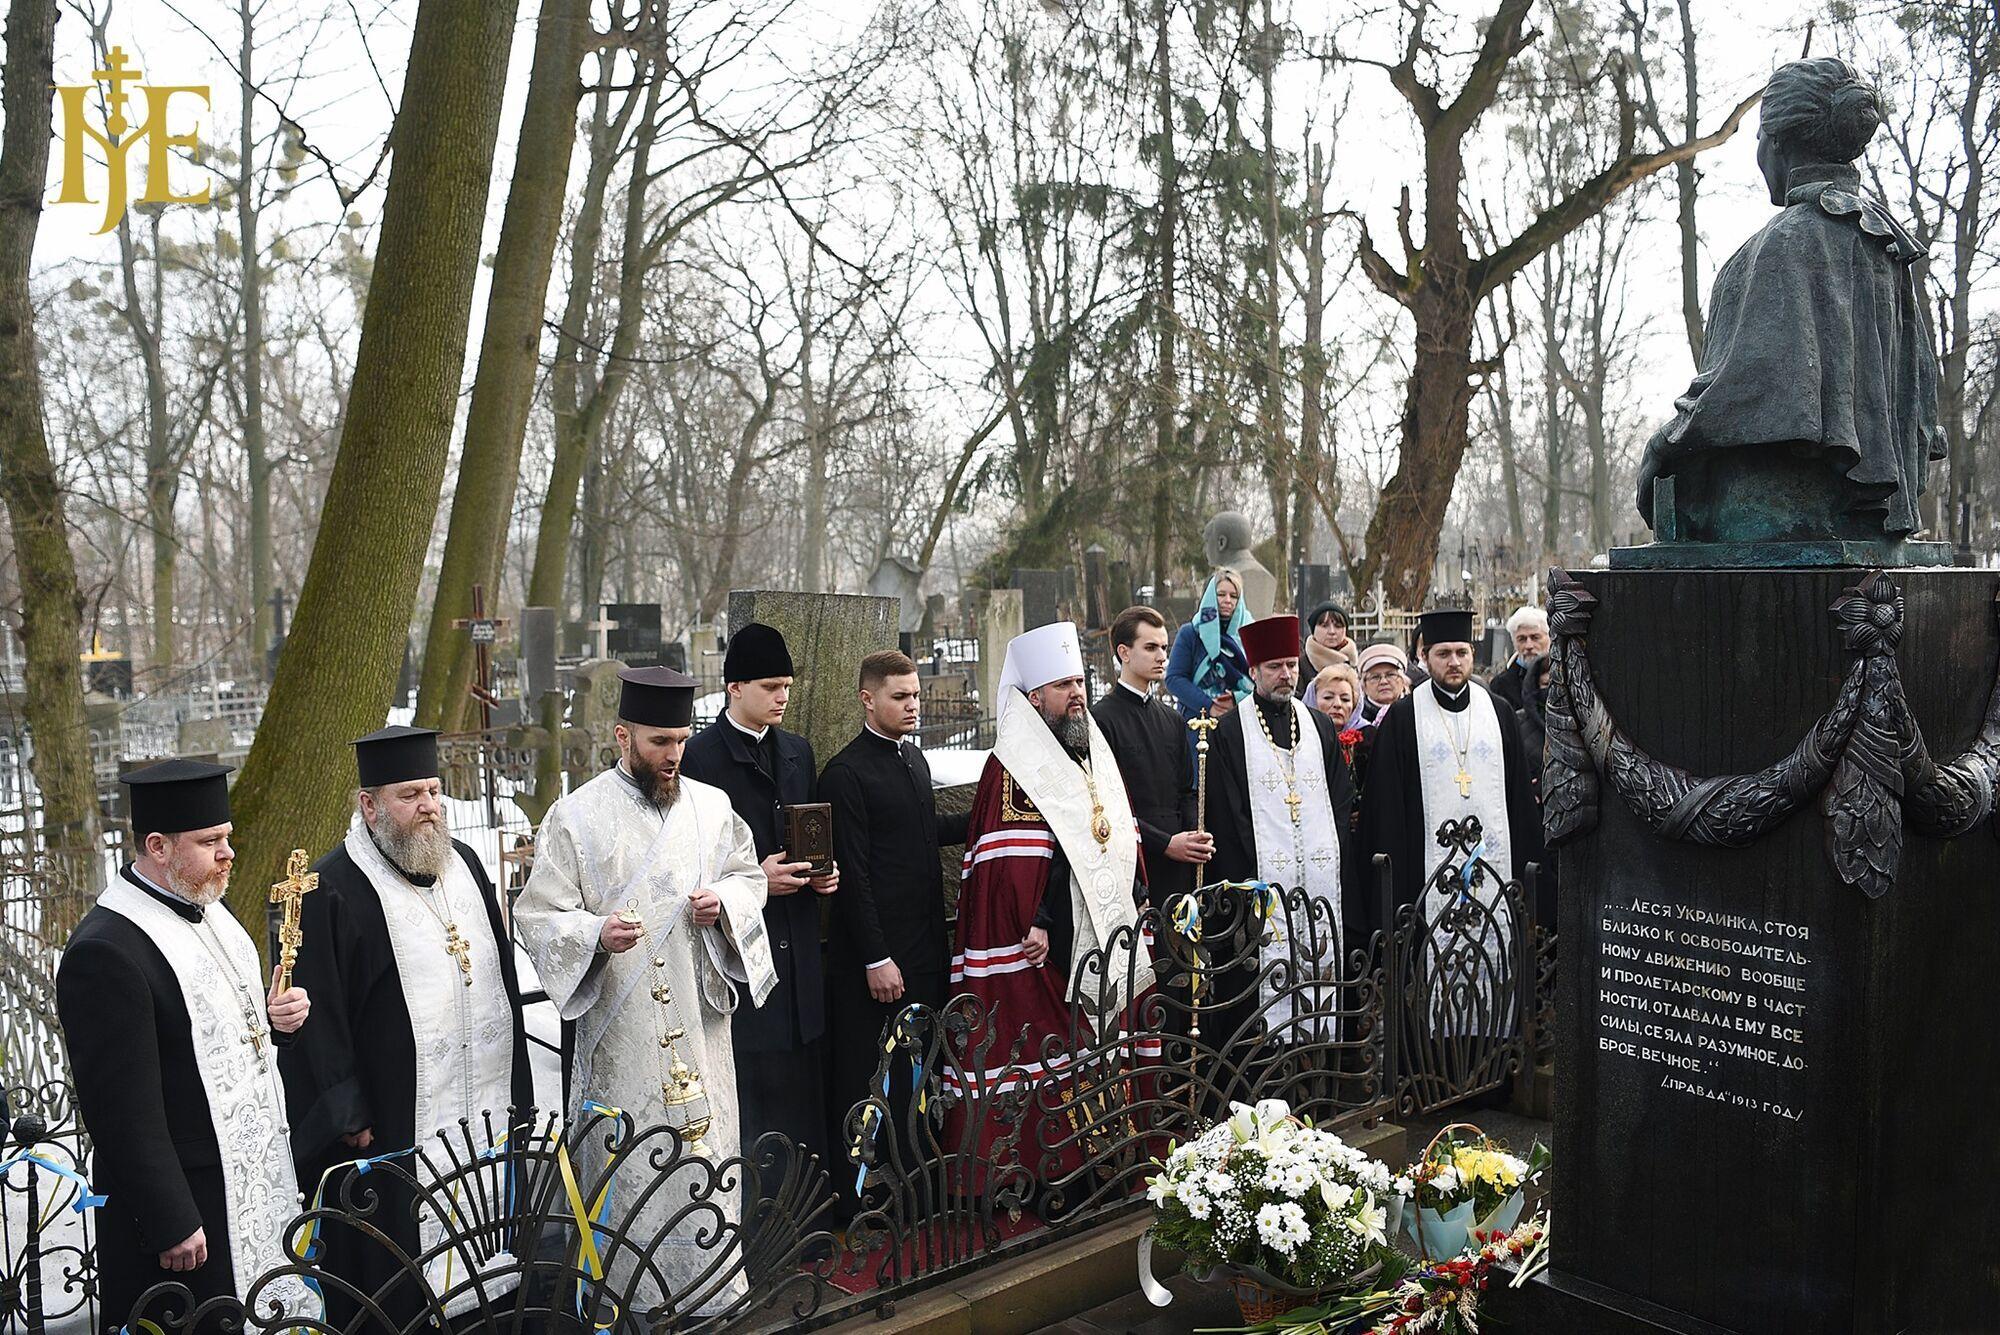 На памятнике Лесе Украинке восстановили бронзовое украшение, но оставили пропагандистскую цитату